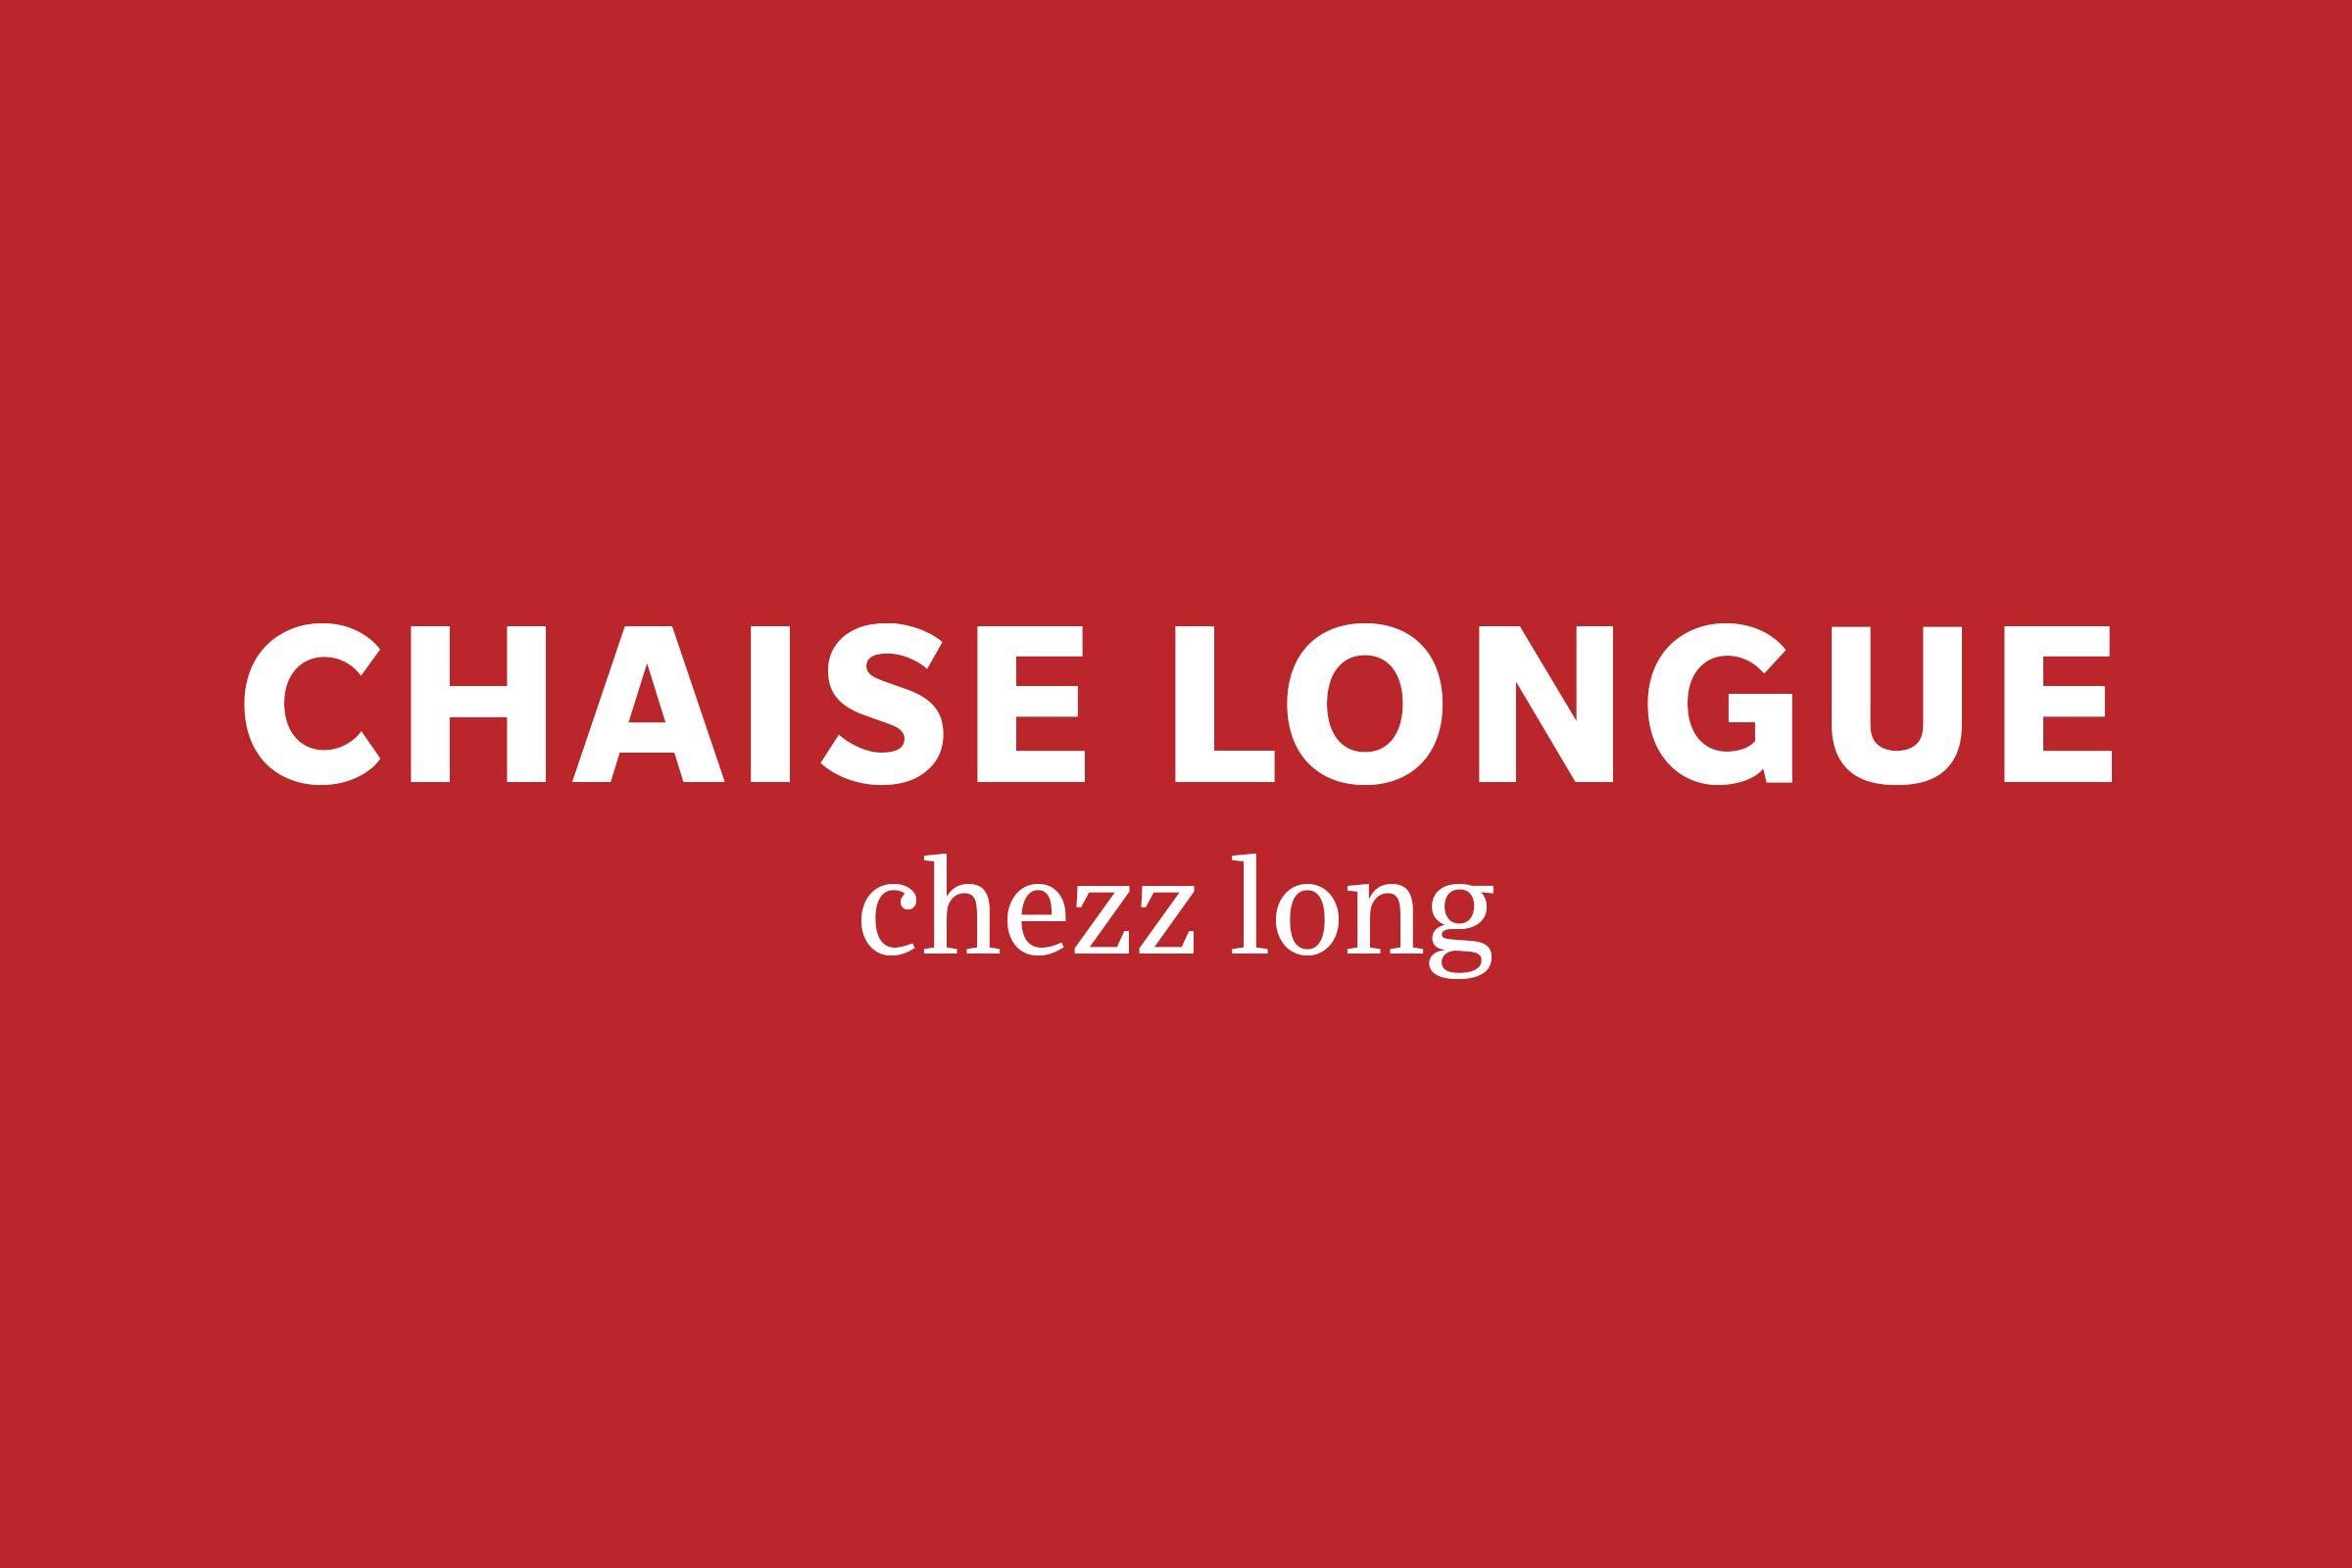 chaise longue pronunciation